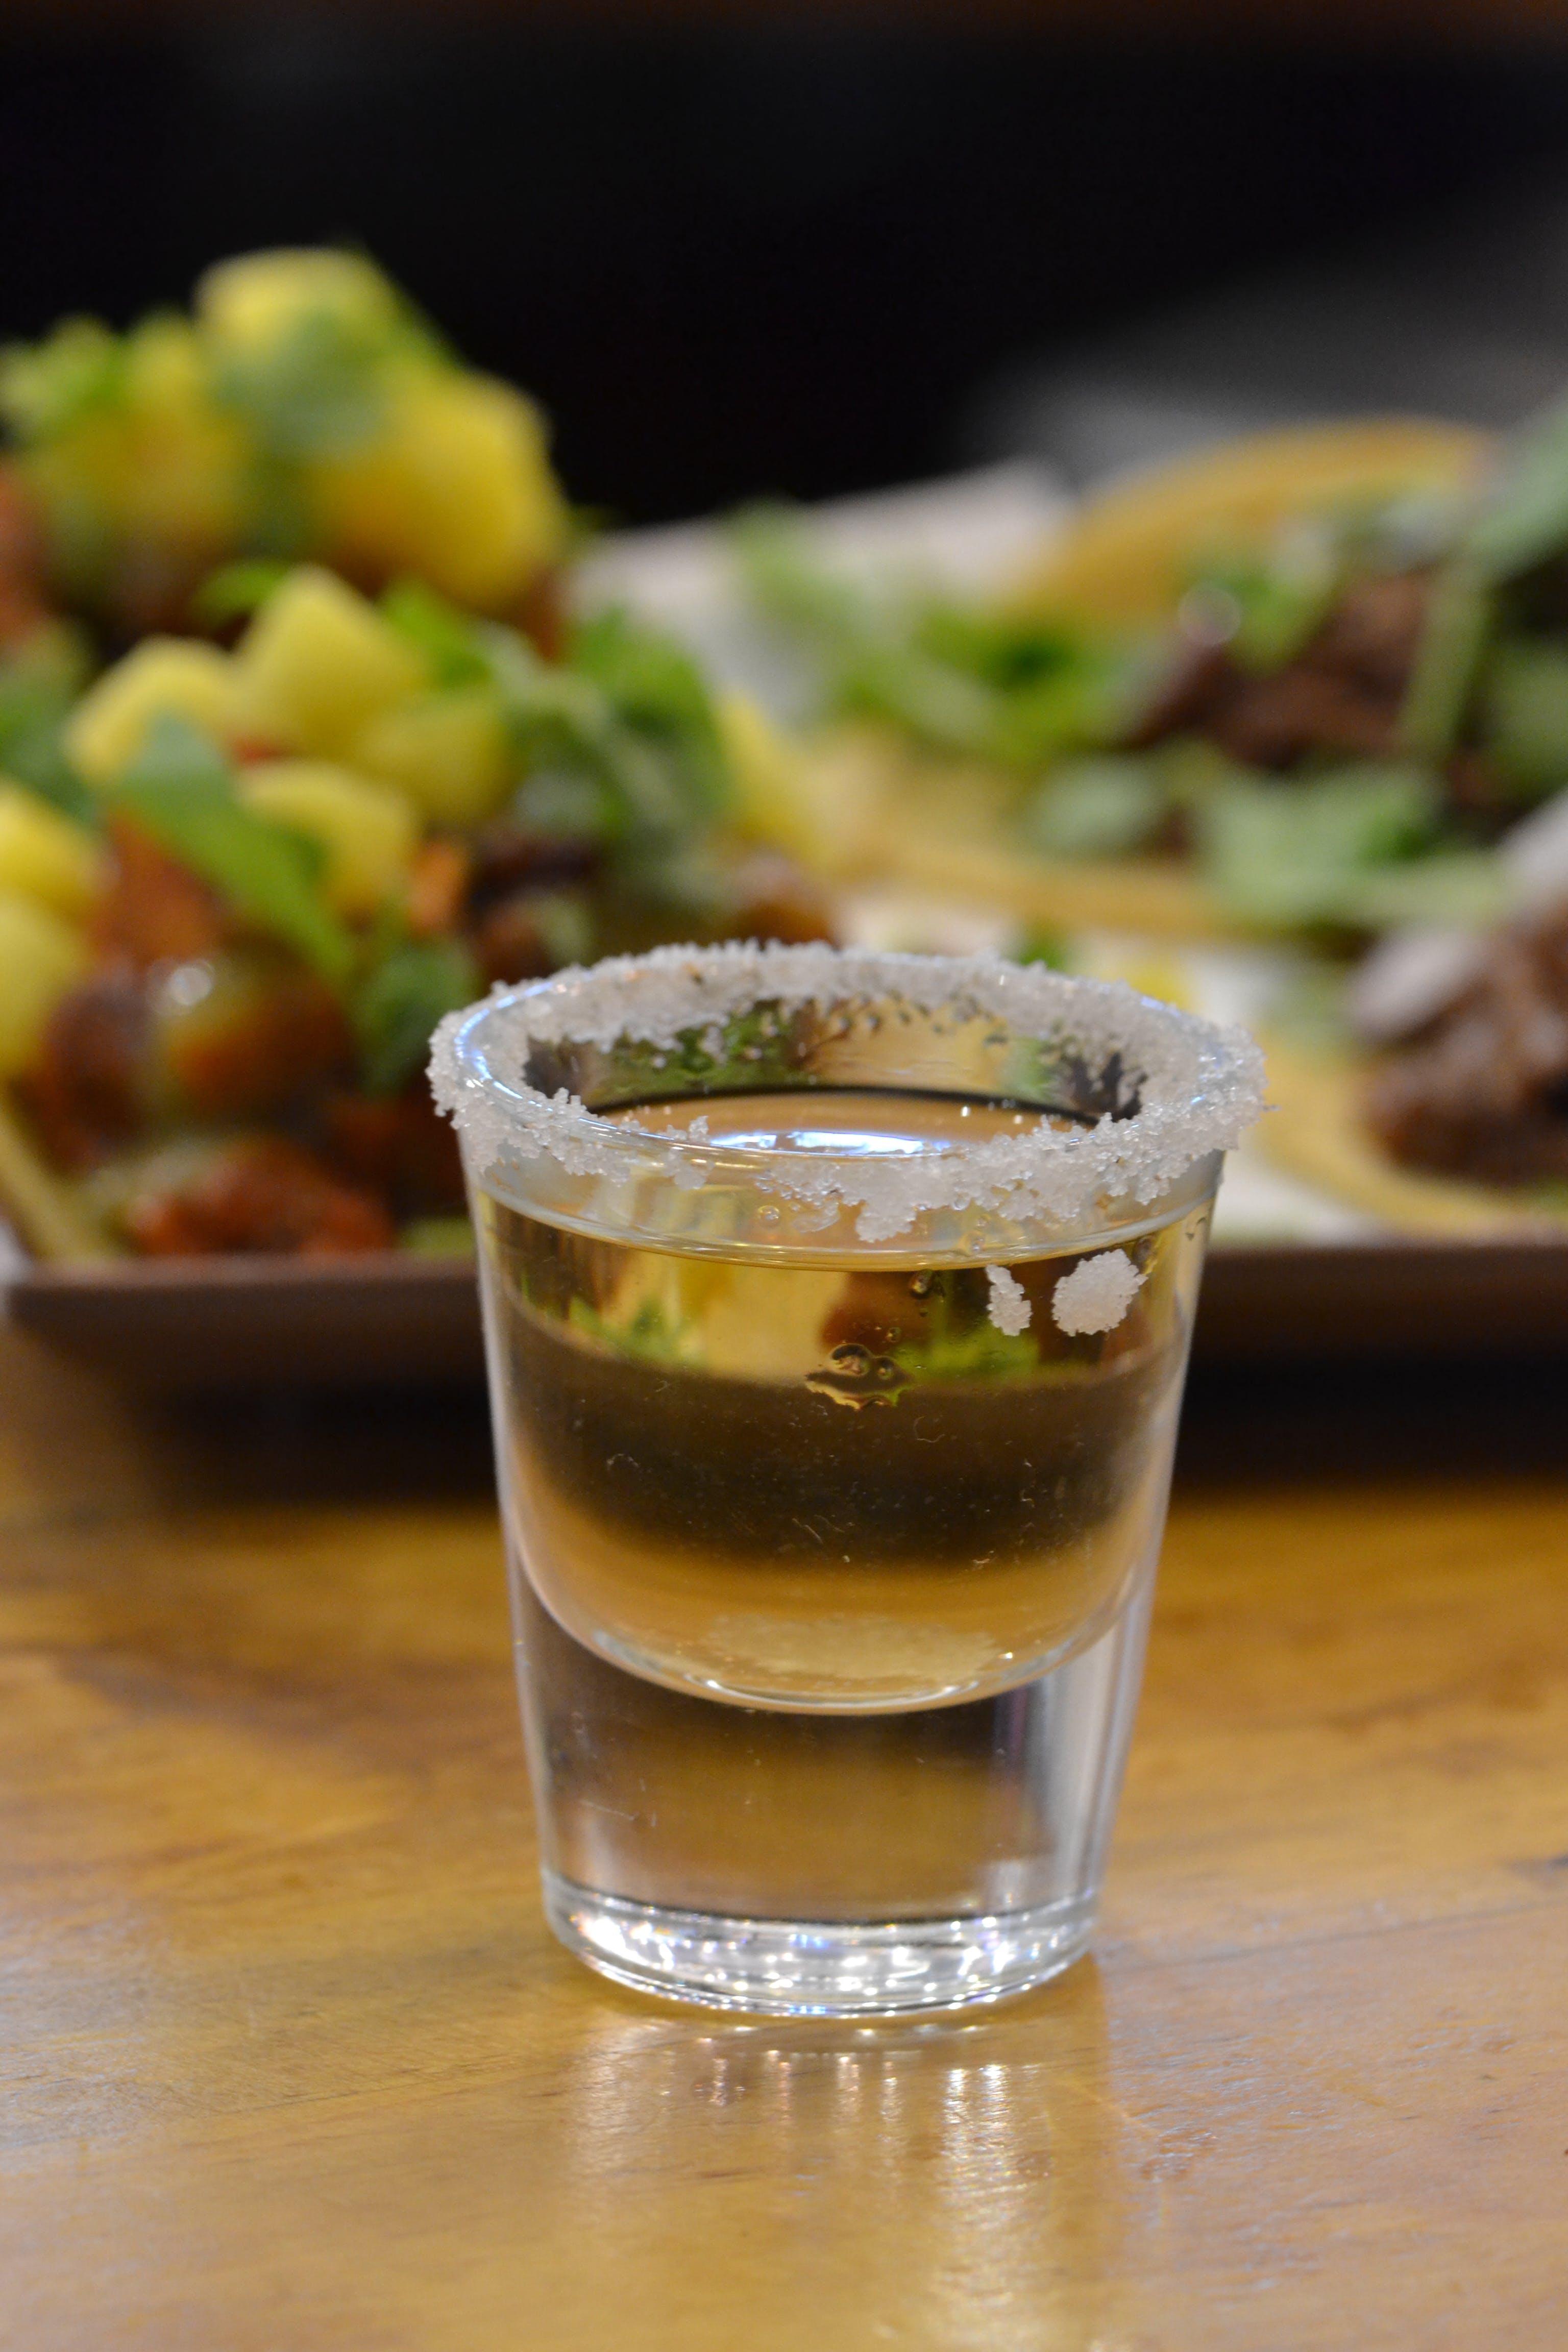 먹는, 멕시코 음식, 멕시코의, 샷잔의 무료 스톡 사진